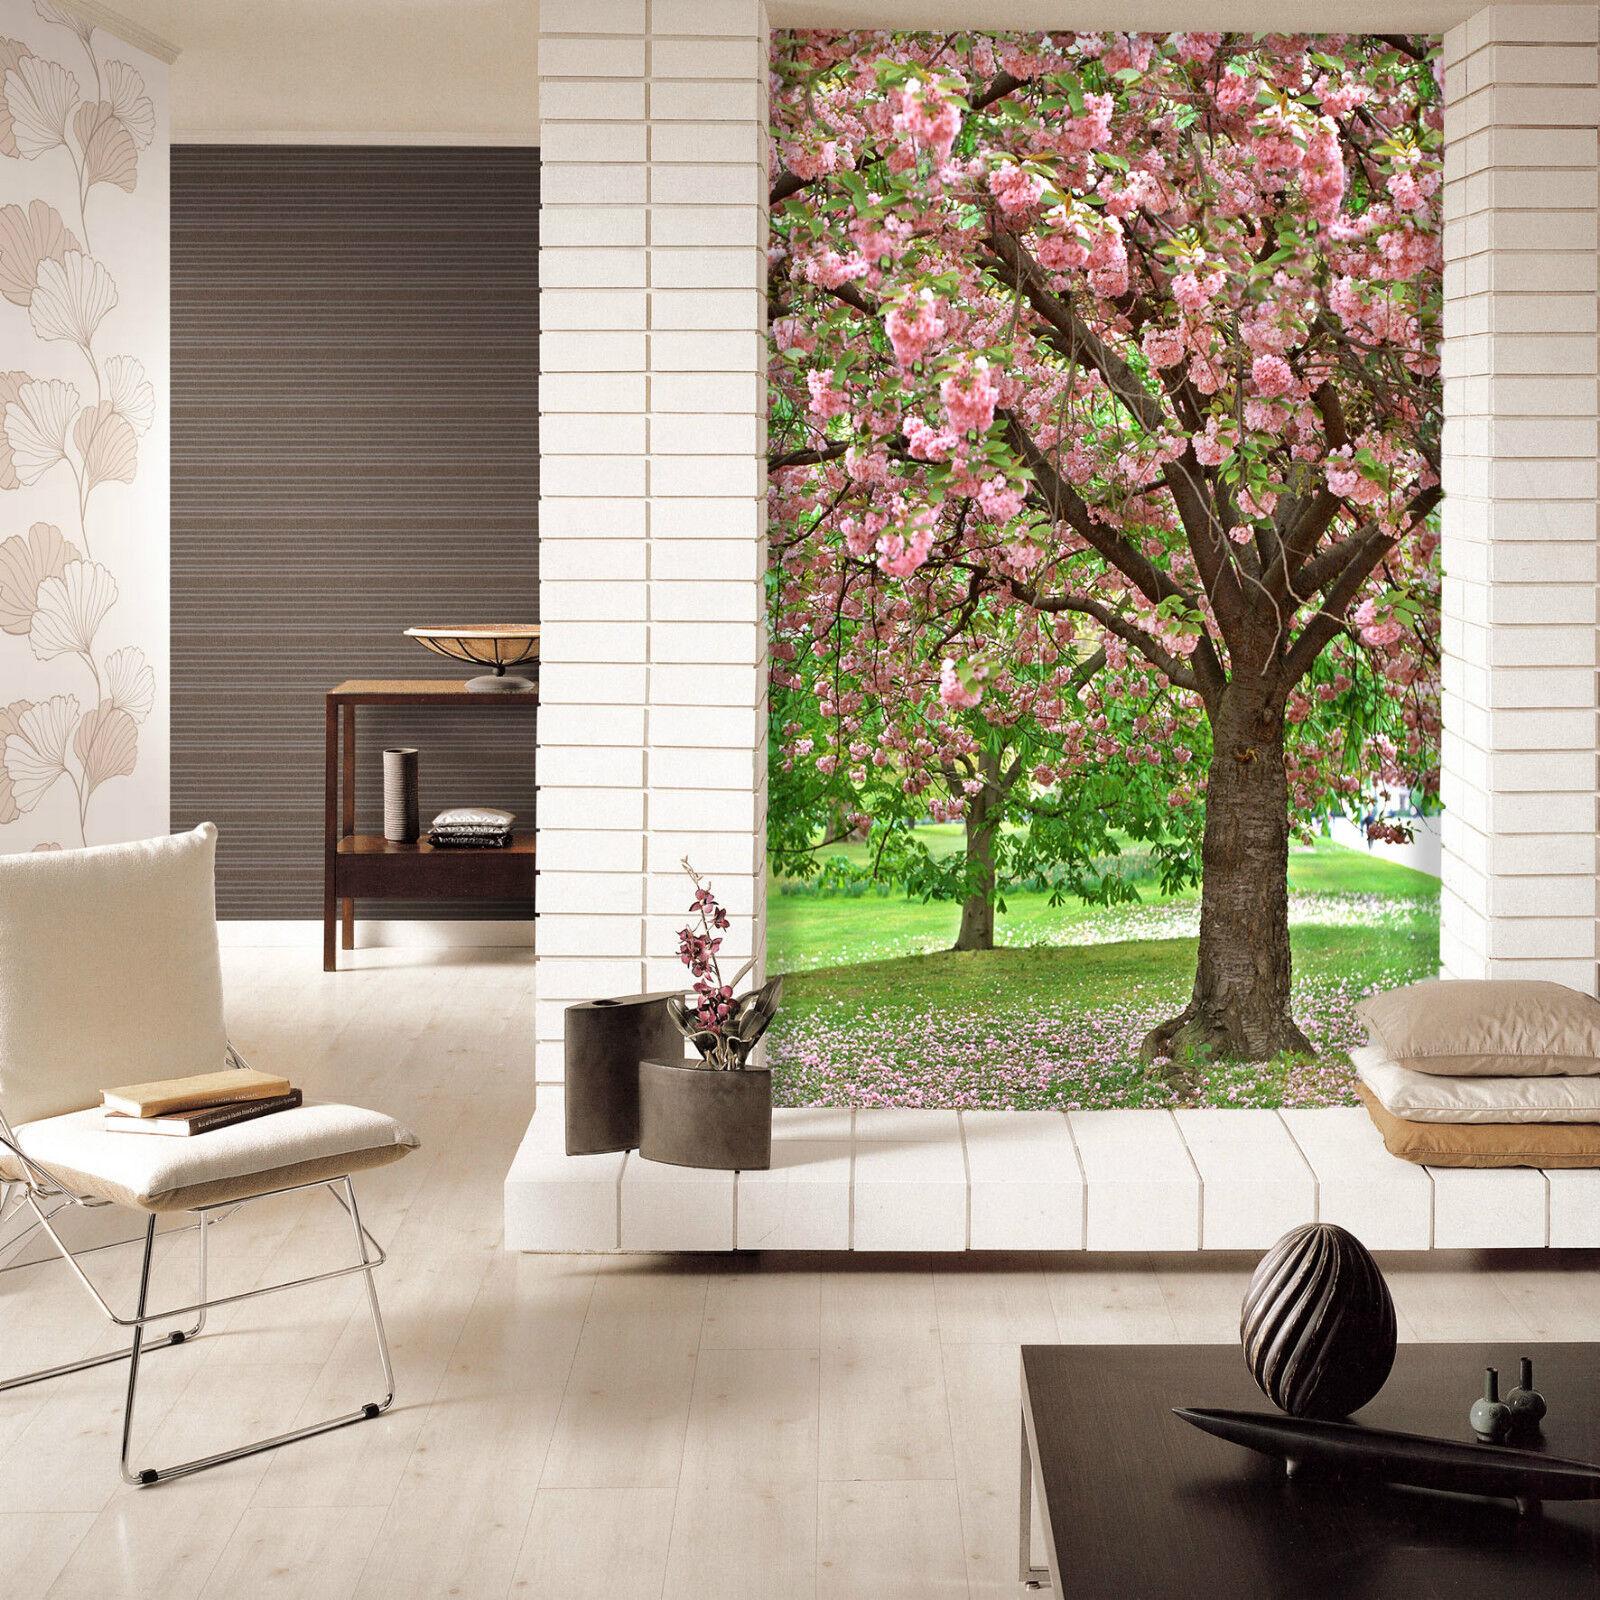 3D Tree flowers 2821 Paper Wall Print Decal Wall Wall Murals AJ WALLPAPER GB